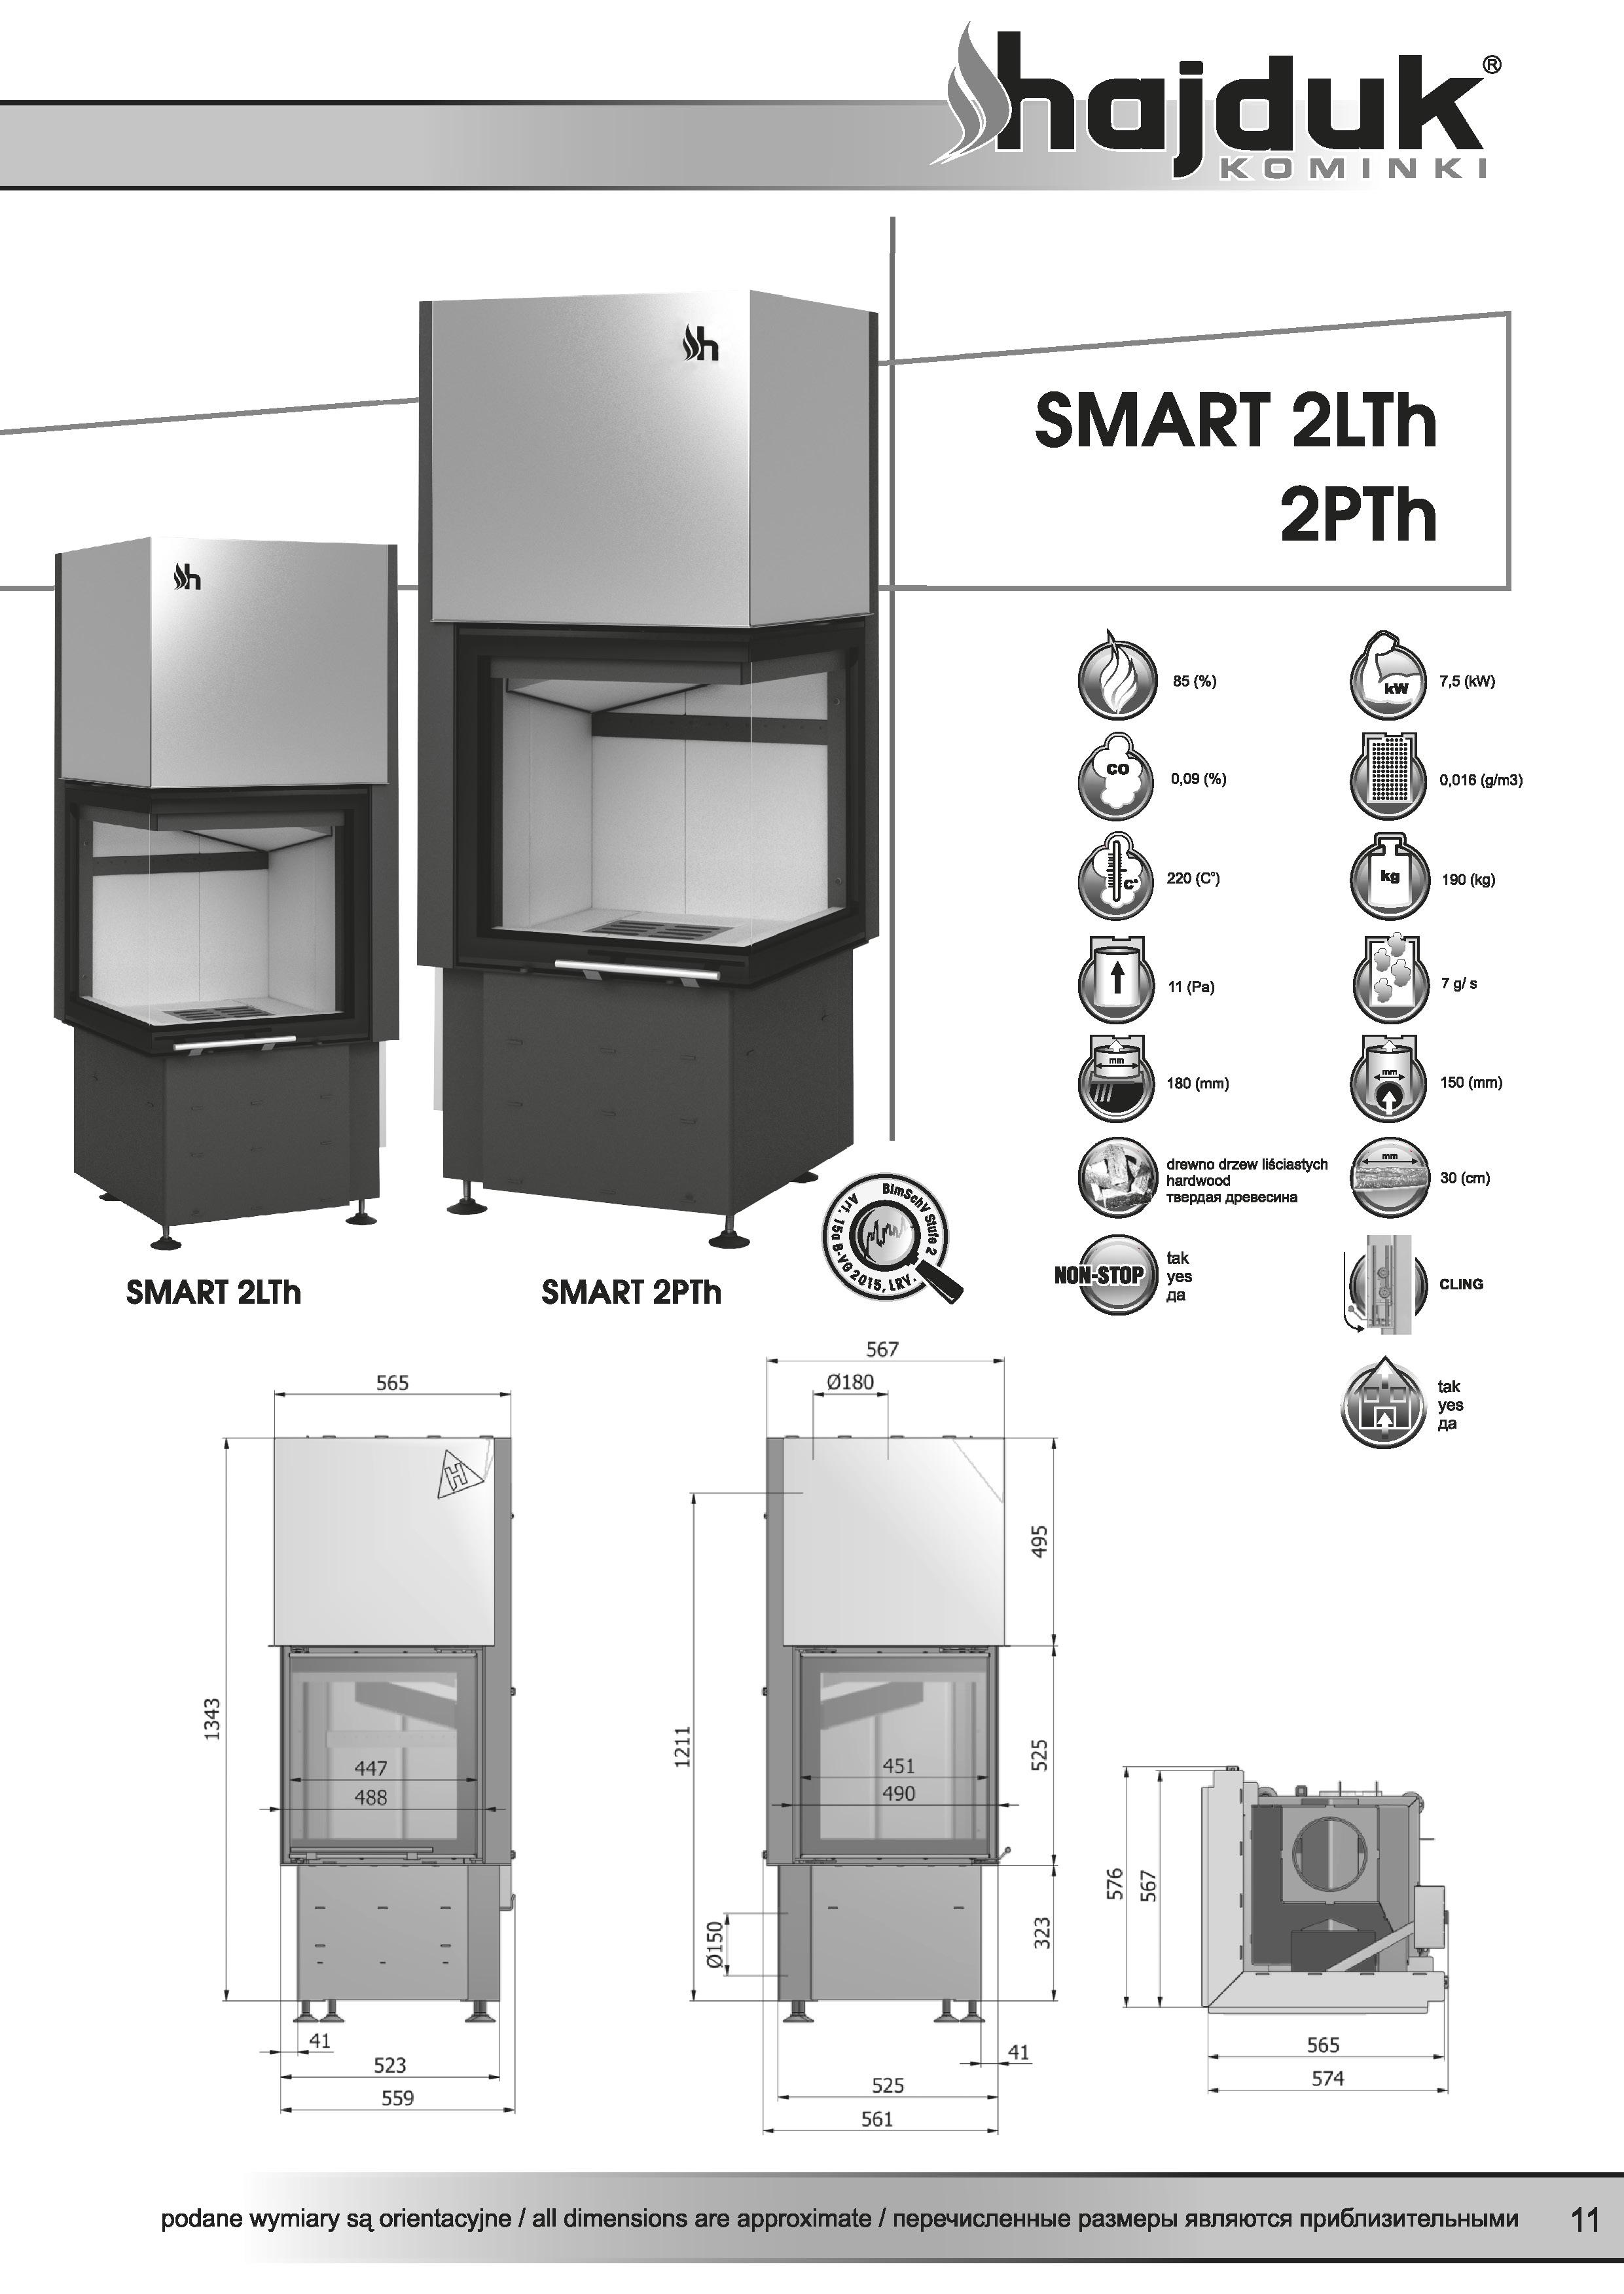 Smart%202LTh%202PTh%20 %20karta%20techniczna - Fireplace insert Hajduk Smart 2LTh - frameless door